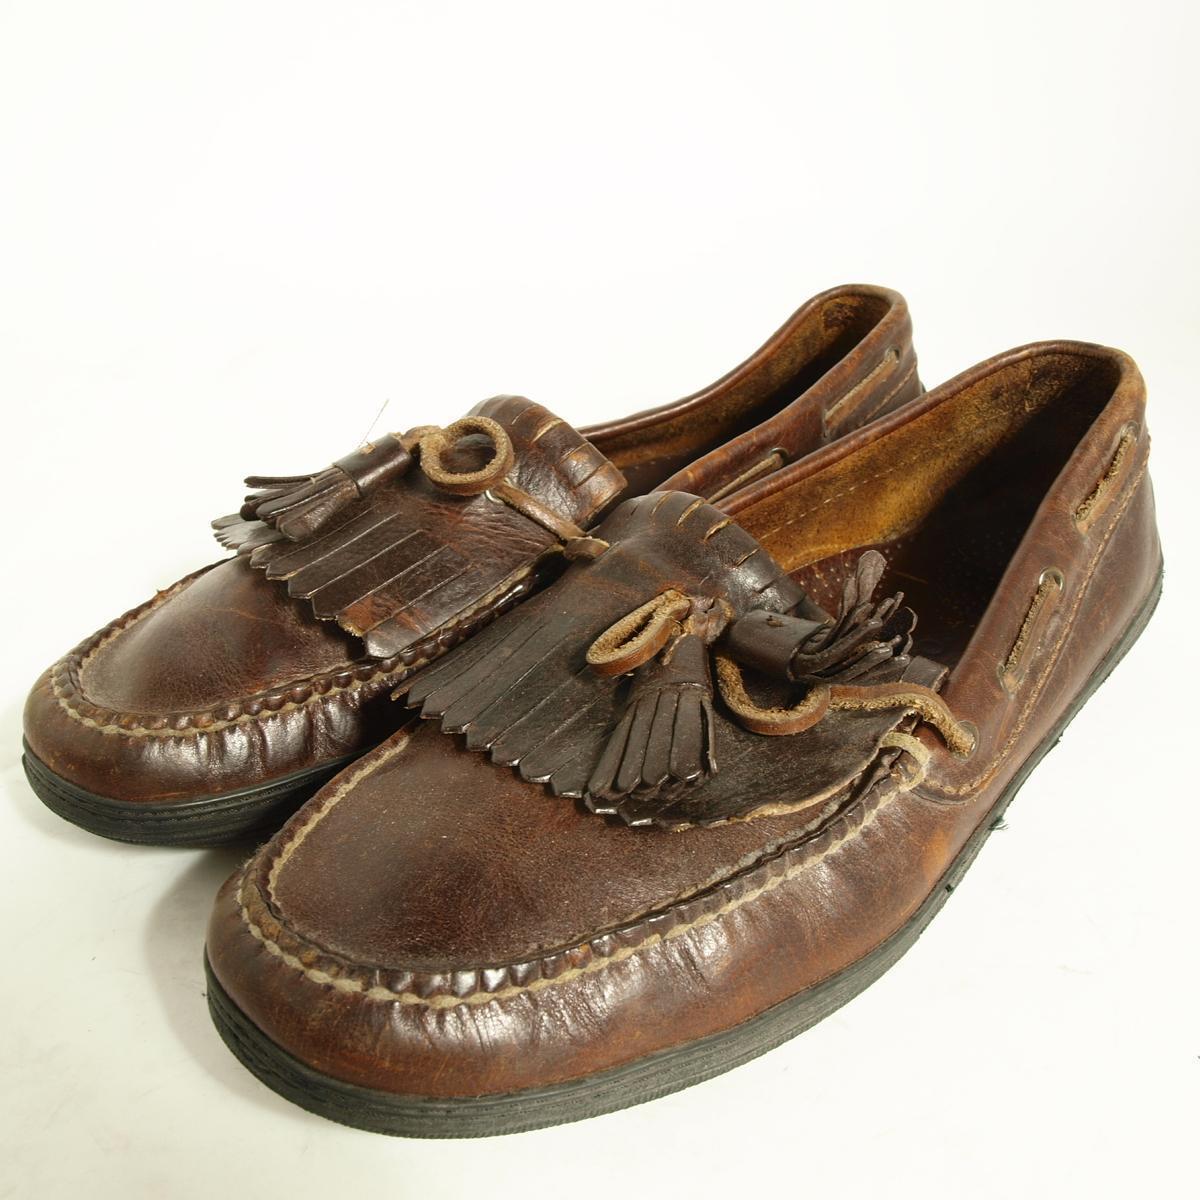 Cole Haan tassel loafer 10 m men's 28.0 cm COLEHAAN /boj3885 160727